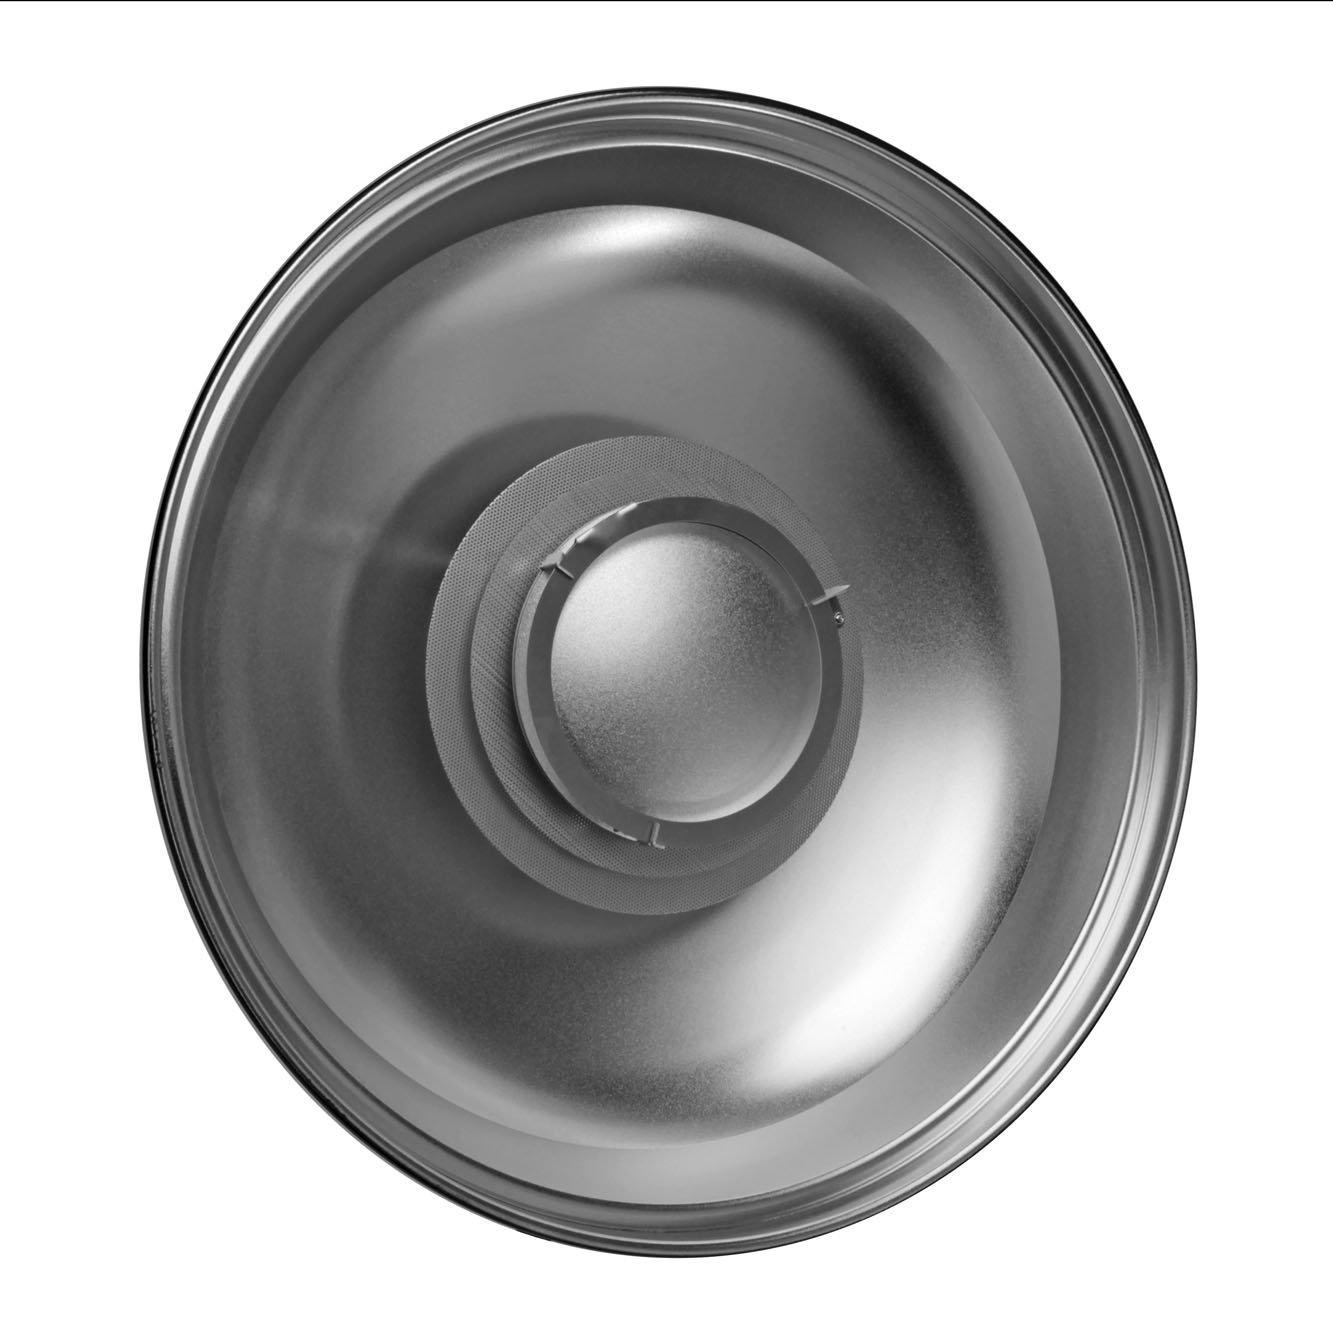 Hensel ACS ビューティーディッシュ VII リフレクター 22.04インチ (56cm) シルバー   B01EUXKX04